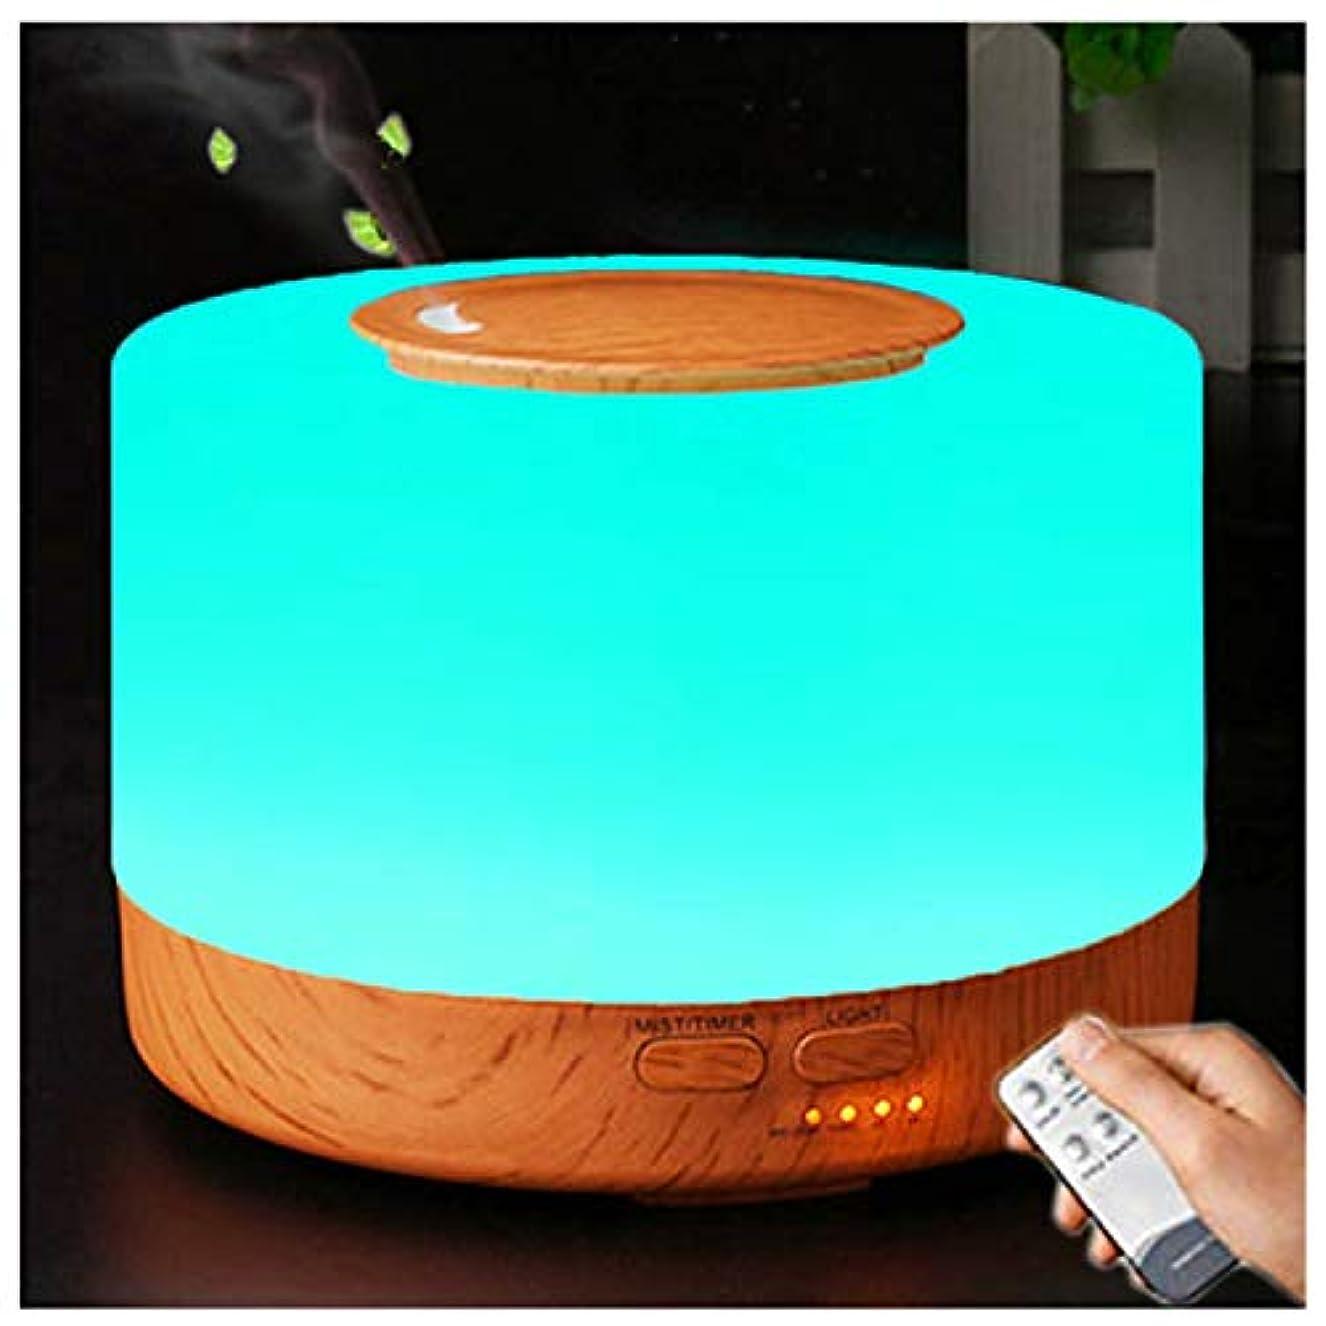 ロデオ若者関連付けるアロマディフューザー 加湿器, 卓上 大容量 超音波加湿器, 500ML 保湿 時間設定 空焚き防止 7色変換LED搭載 (木目調)